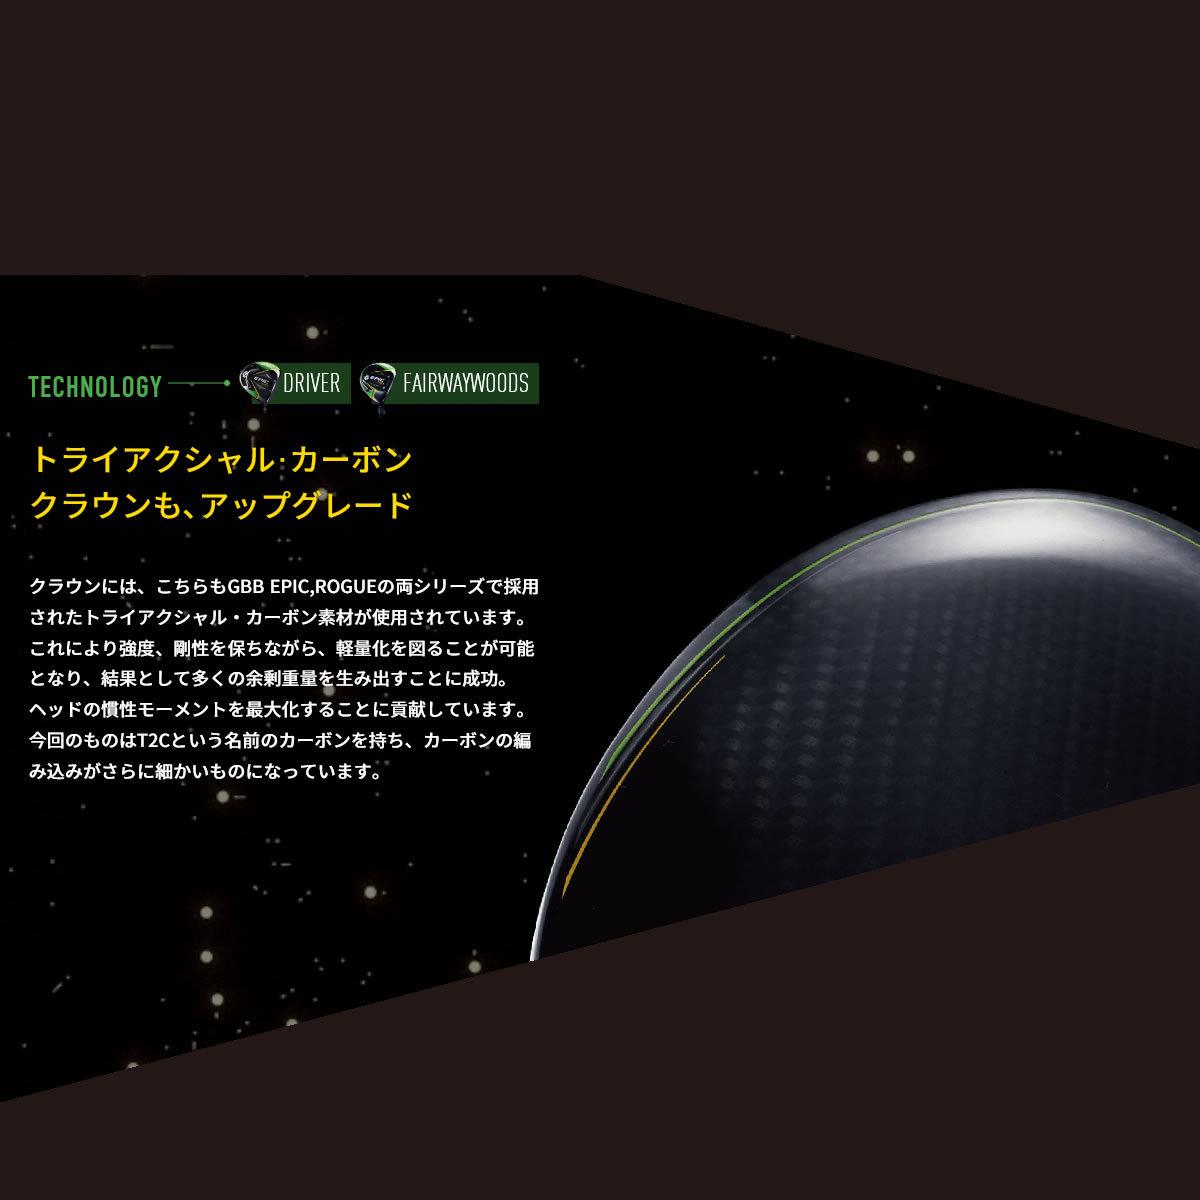 【三菱ケミカル社・カスタムモデル】キャロウェイゴルフEPIC FLASH DRIVERエピック フラッシュ ドライバー[日本仕様](104000)カスタム シャフト